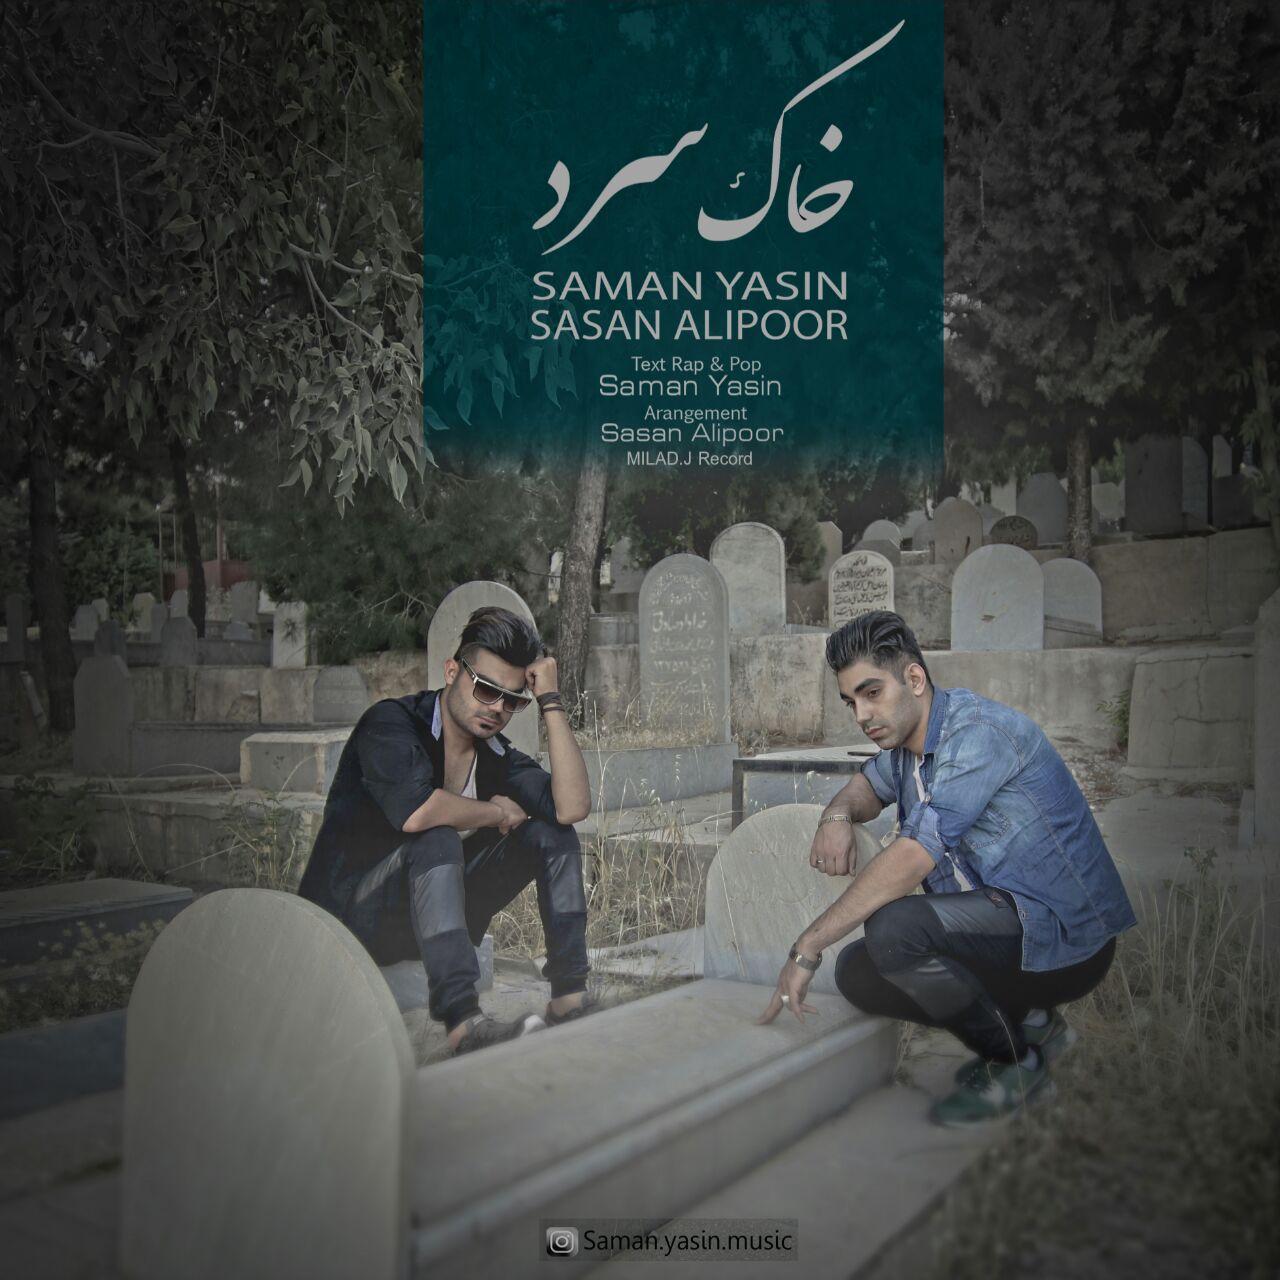 دانلود آهنگ جدید سامان یاسین و ساسان علیپور به نام خاک سرد